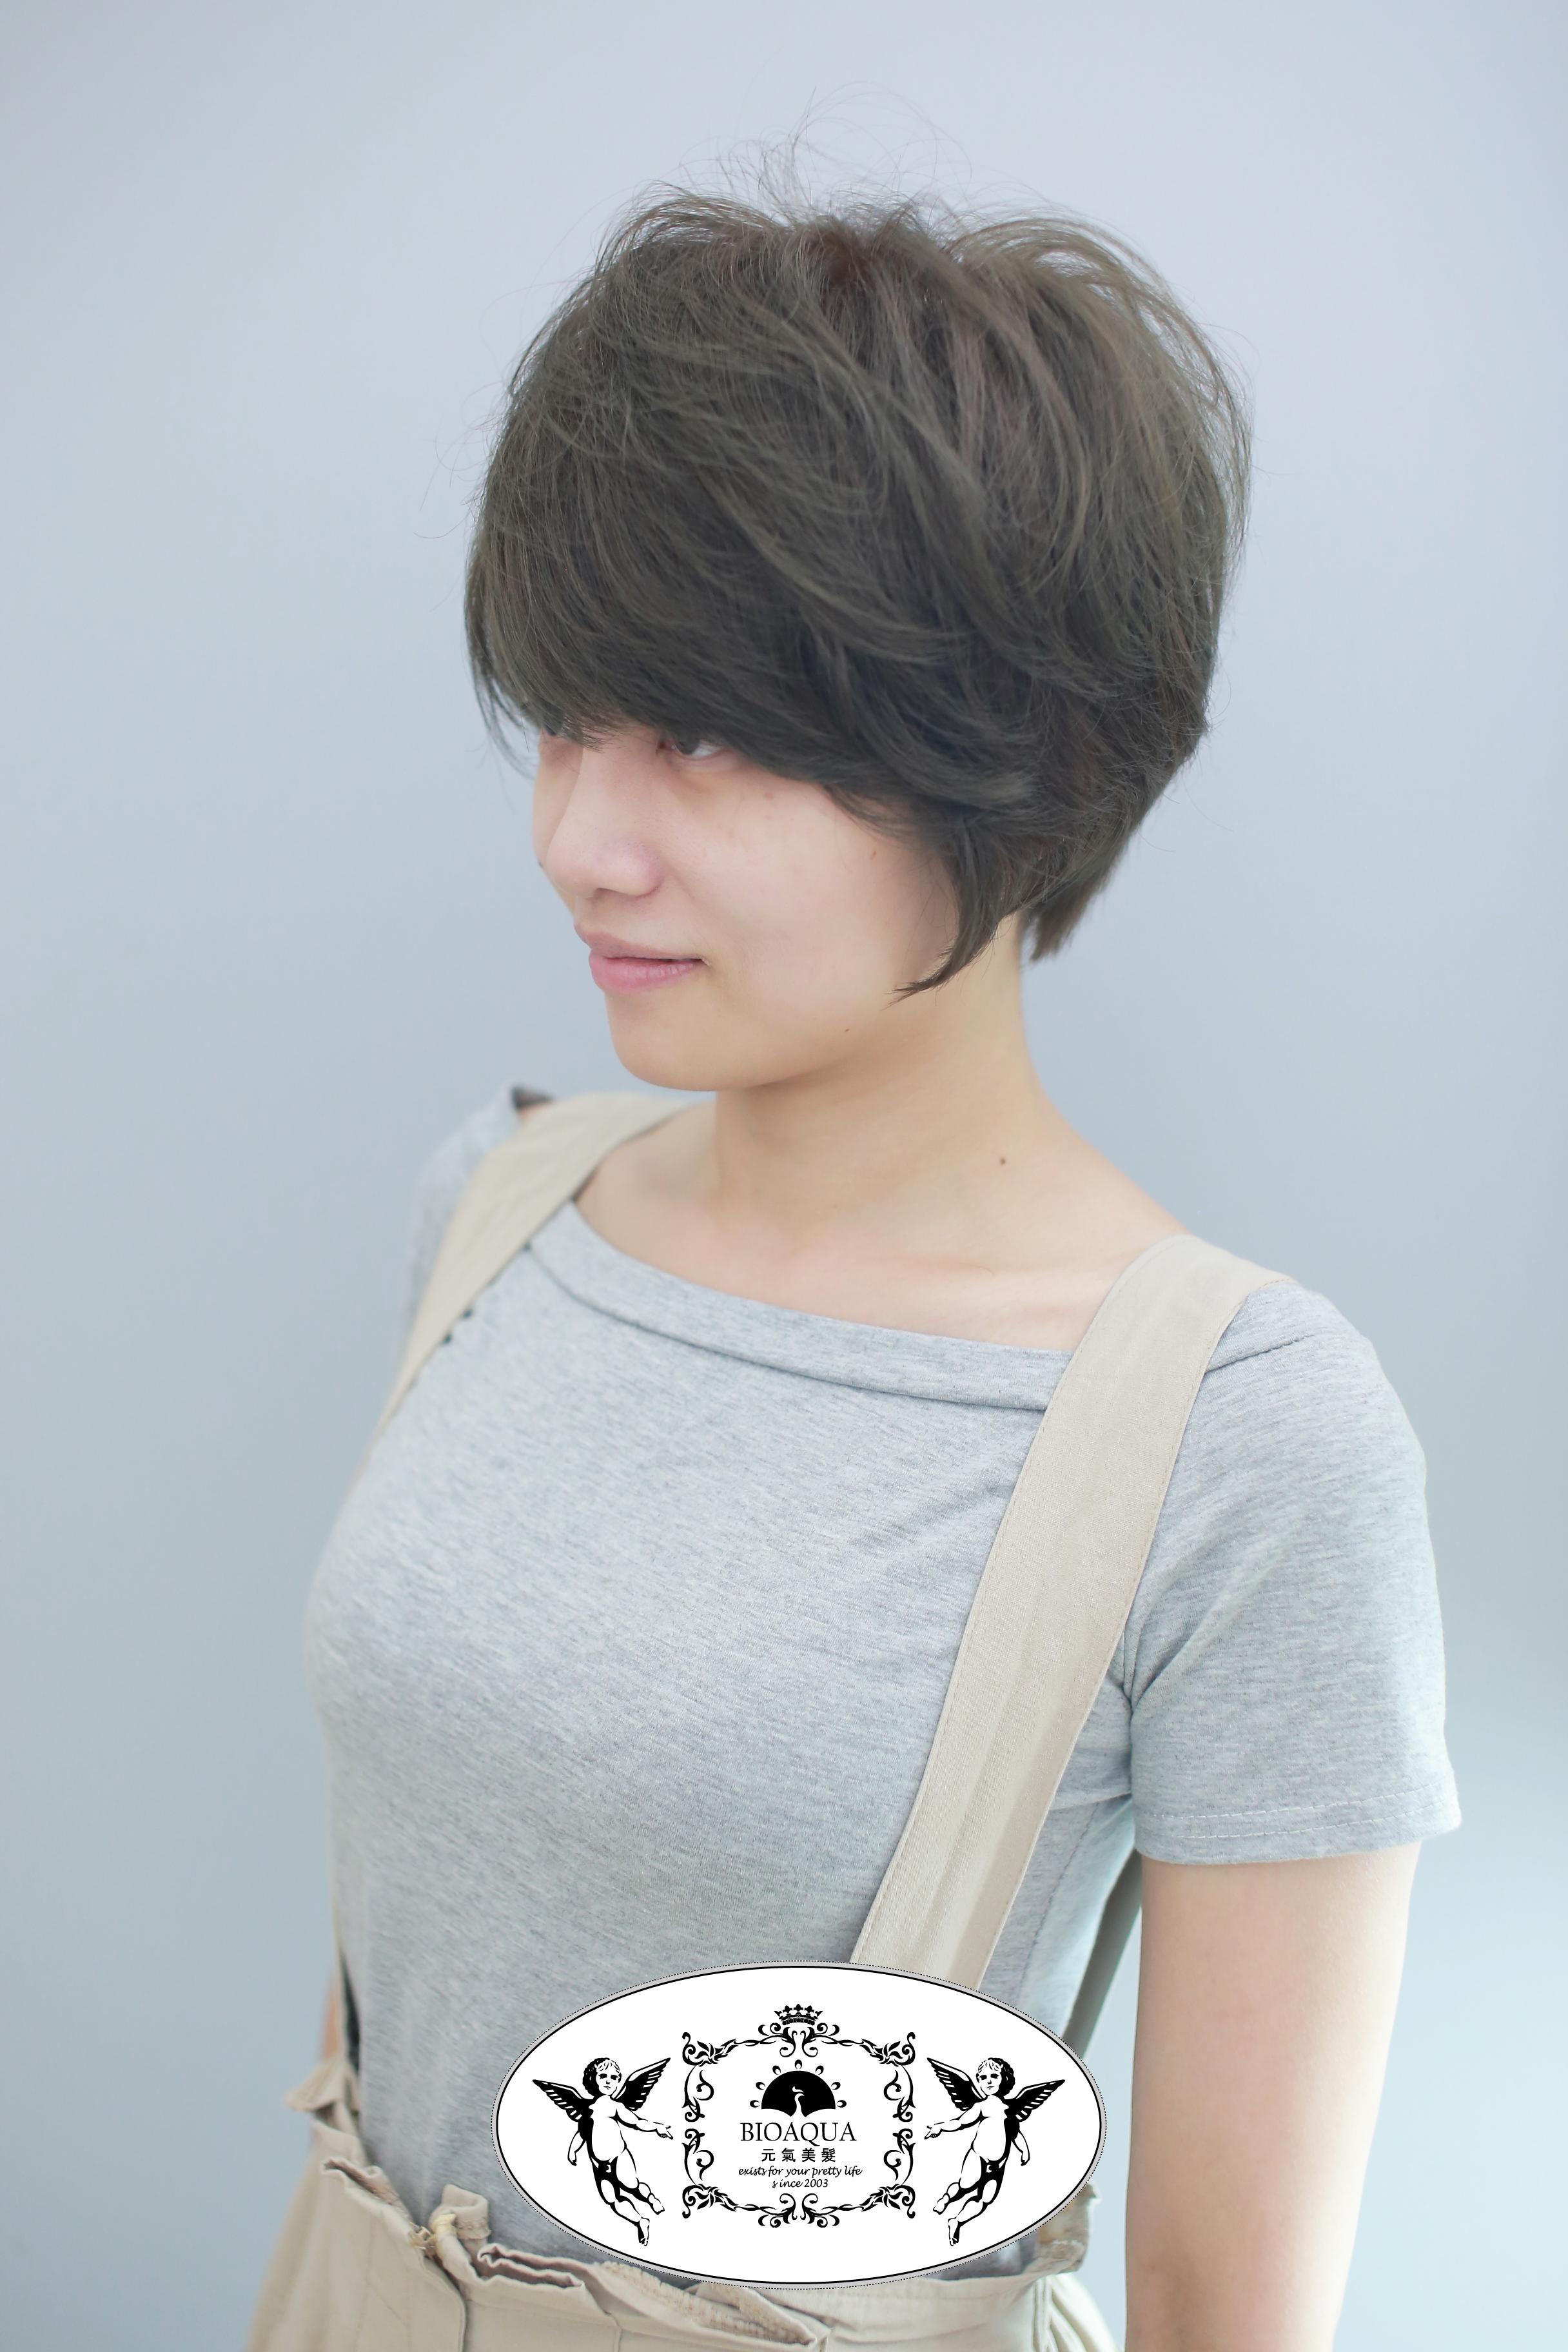 空氣感短髮&霧感灰棕色